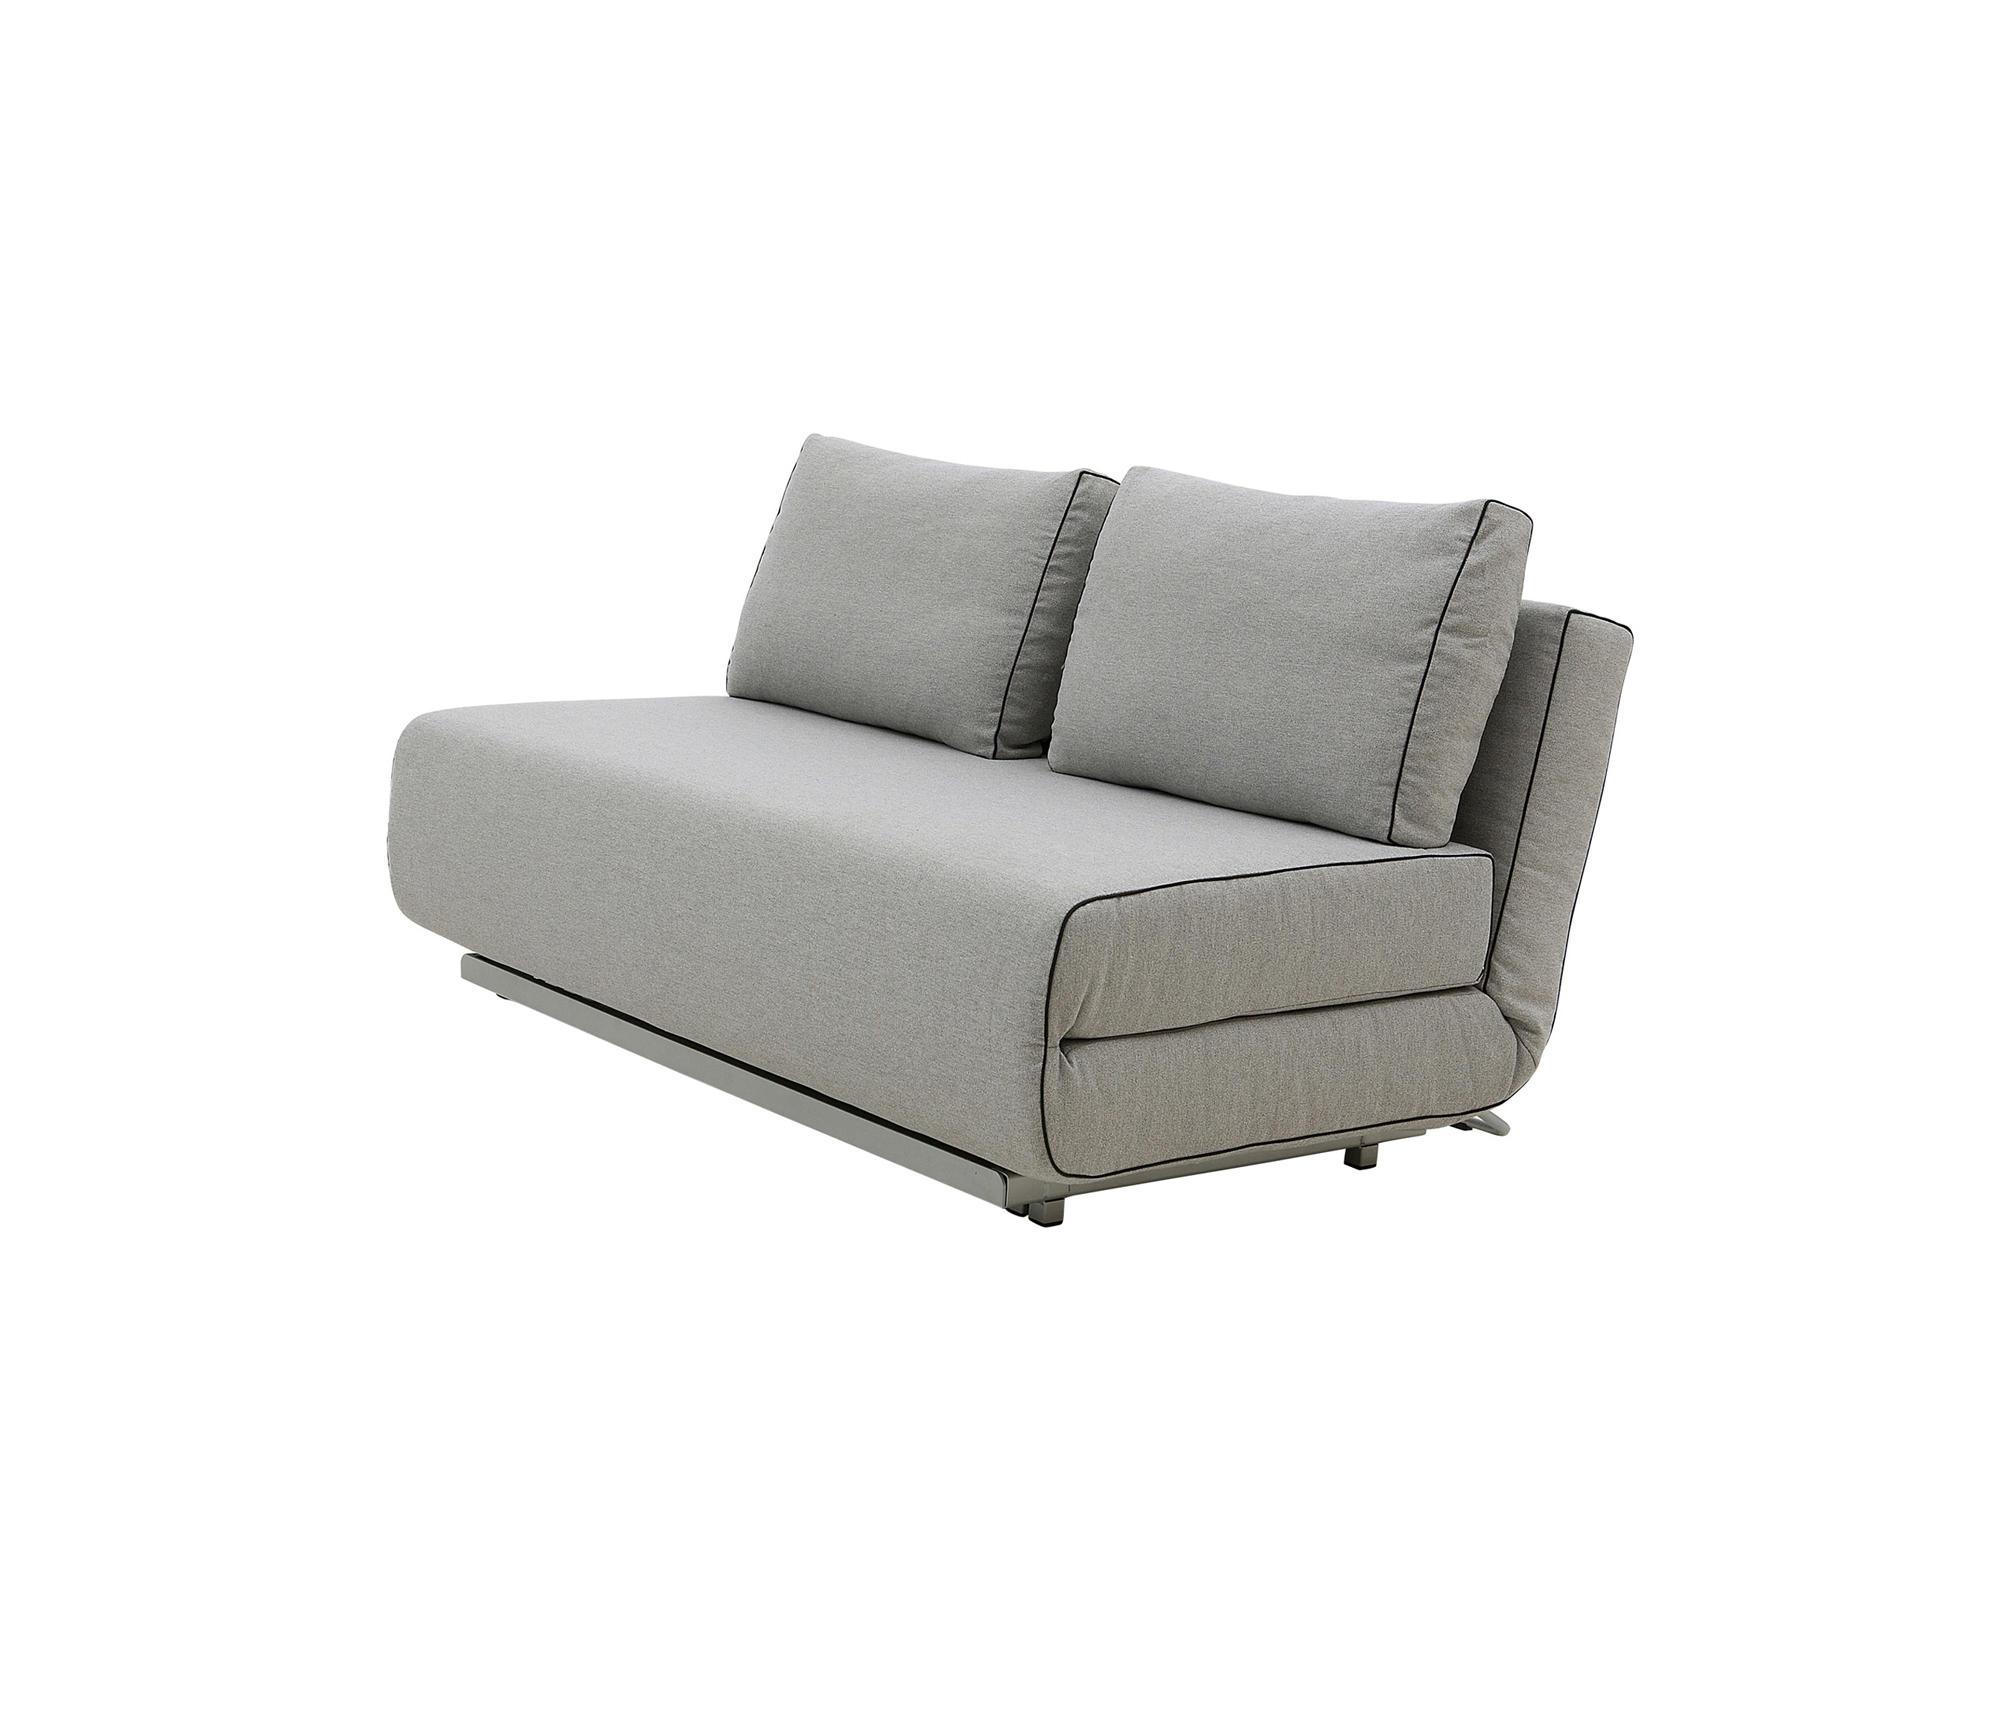 City Sofa By Softline A S Sofas